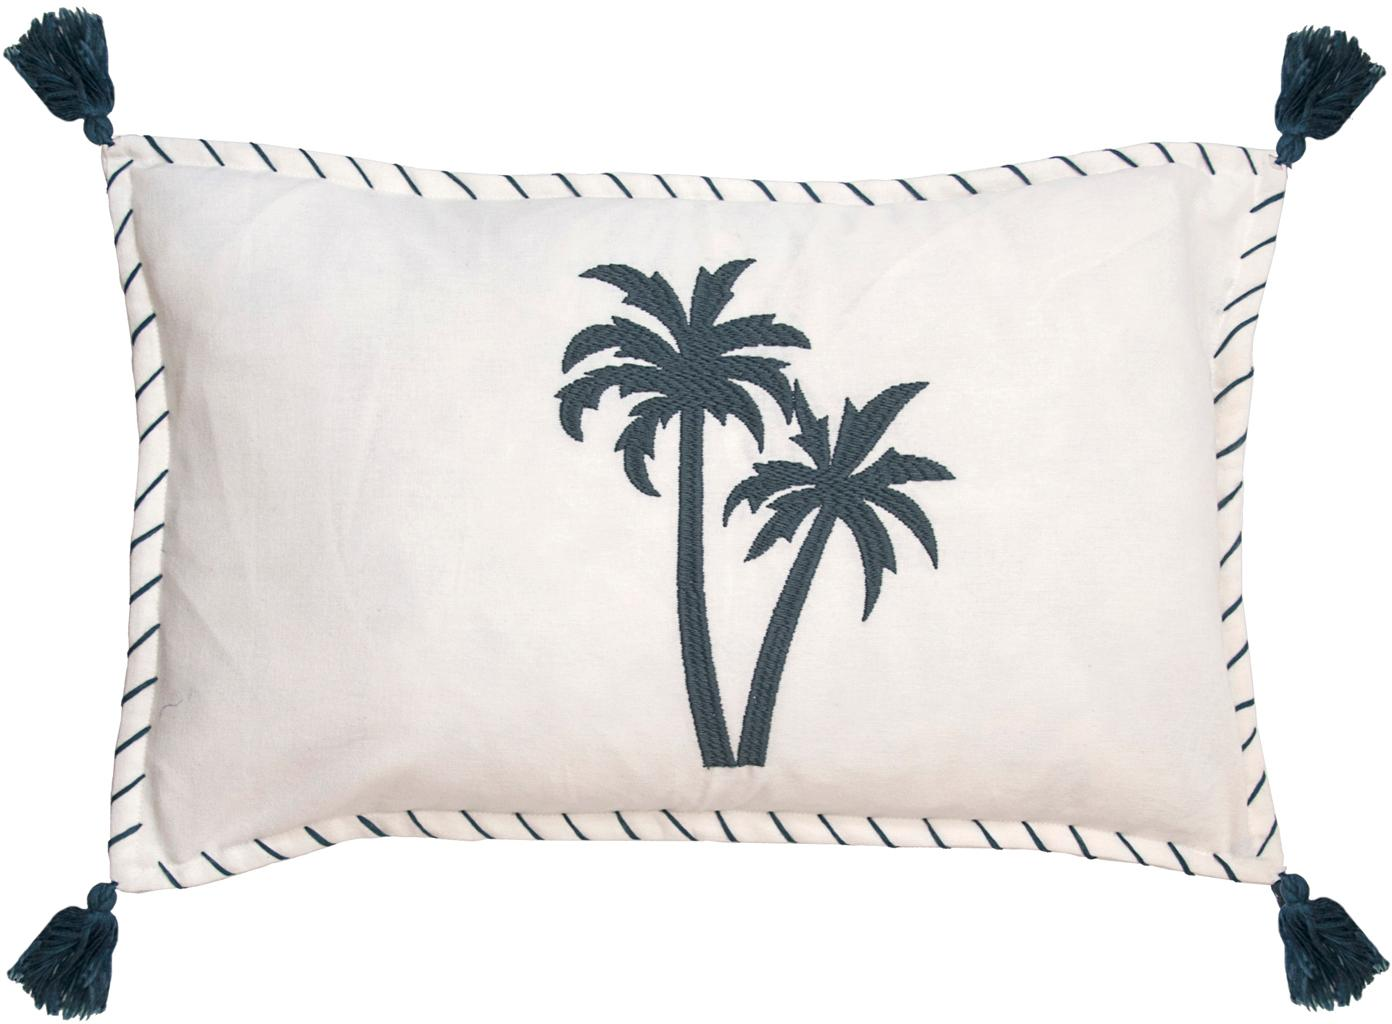 Kissenhülle Bali mit Palmen-Stickerei und Quasten, 100% Baumwolle, Weiß, Navyblau, 30 x 50 cm